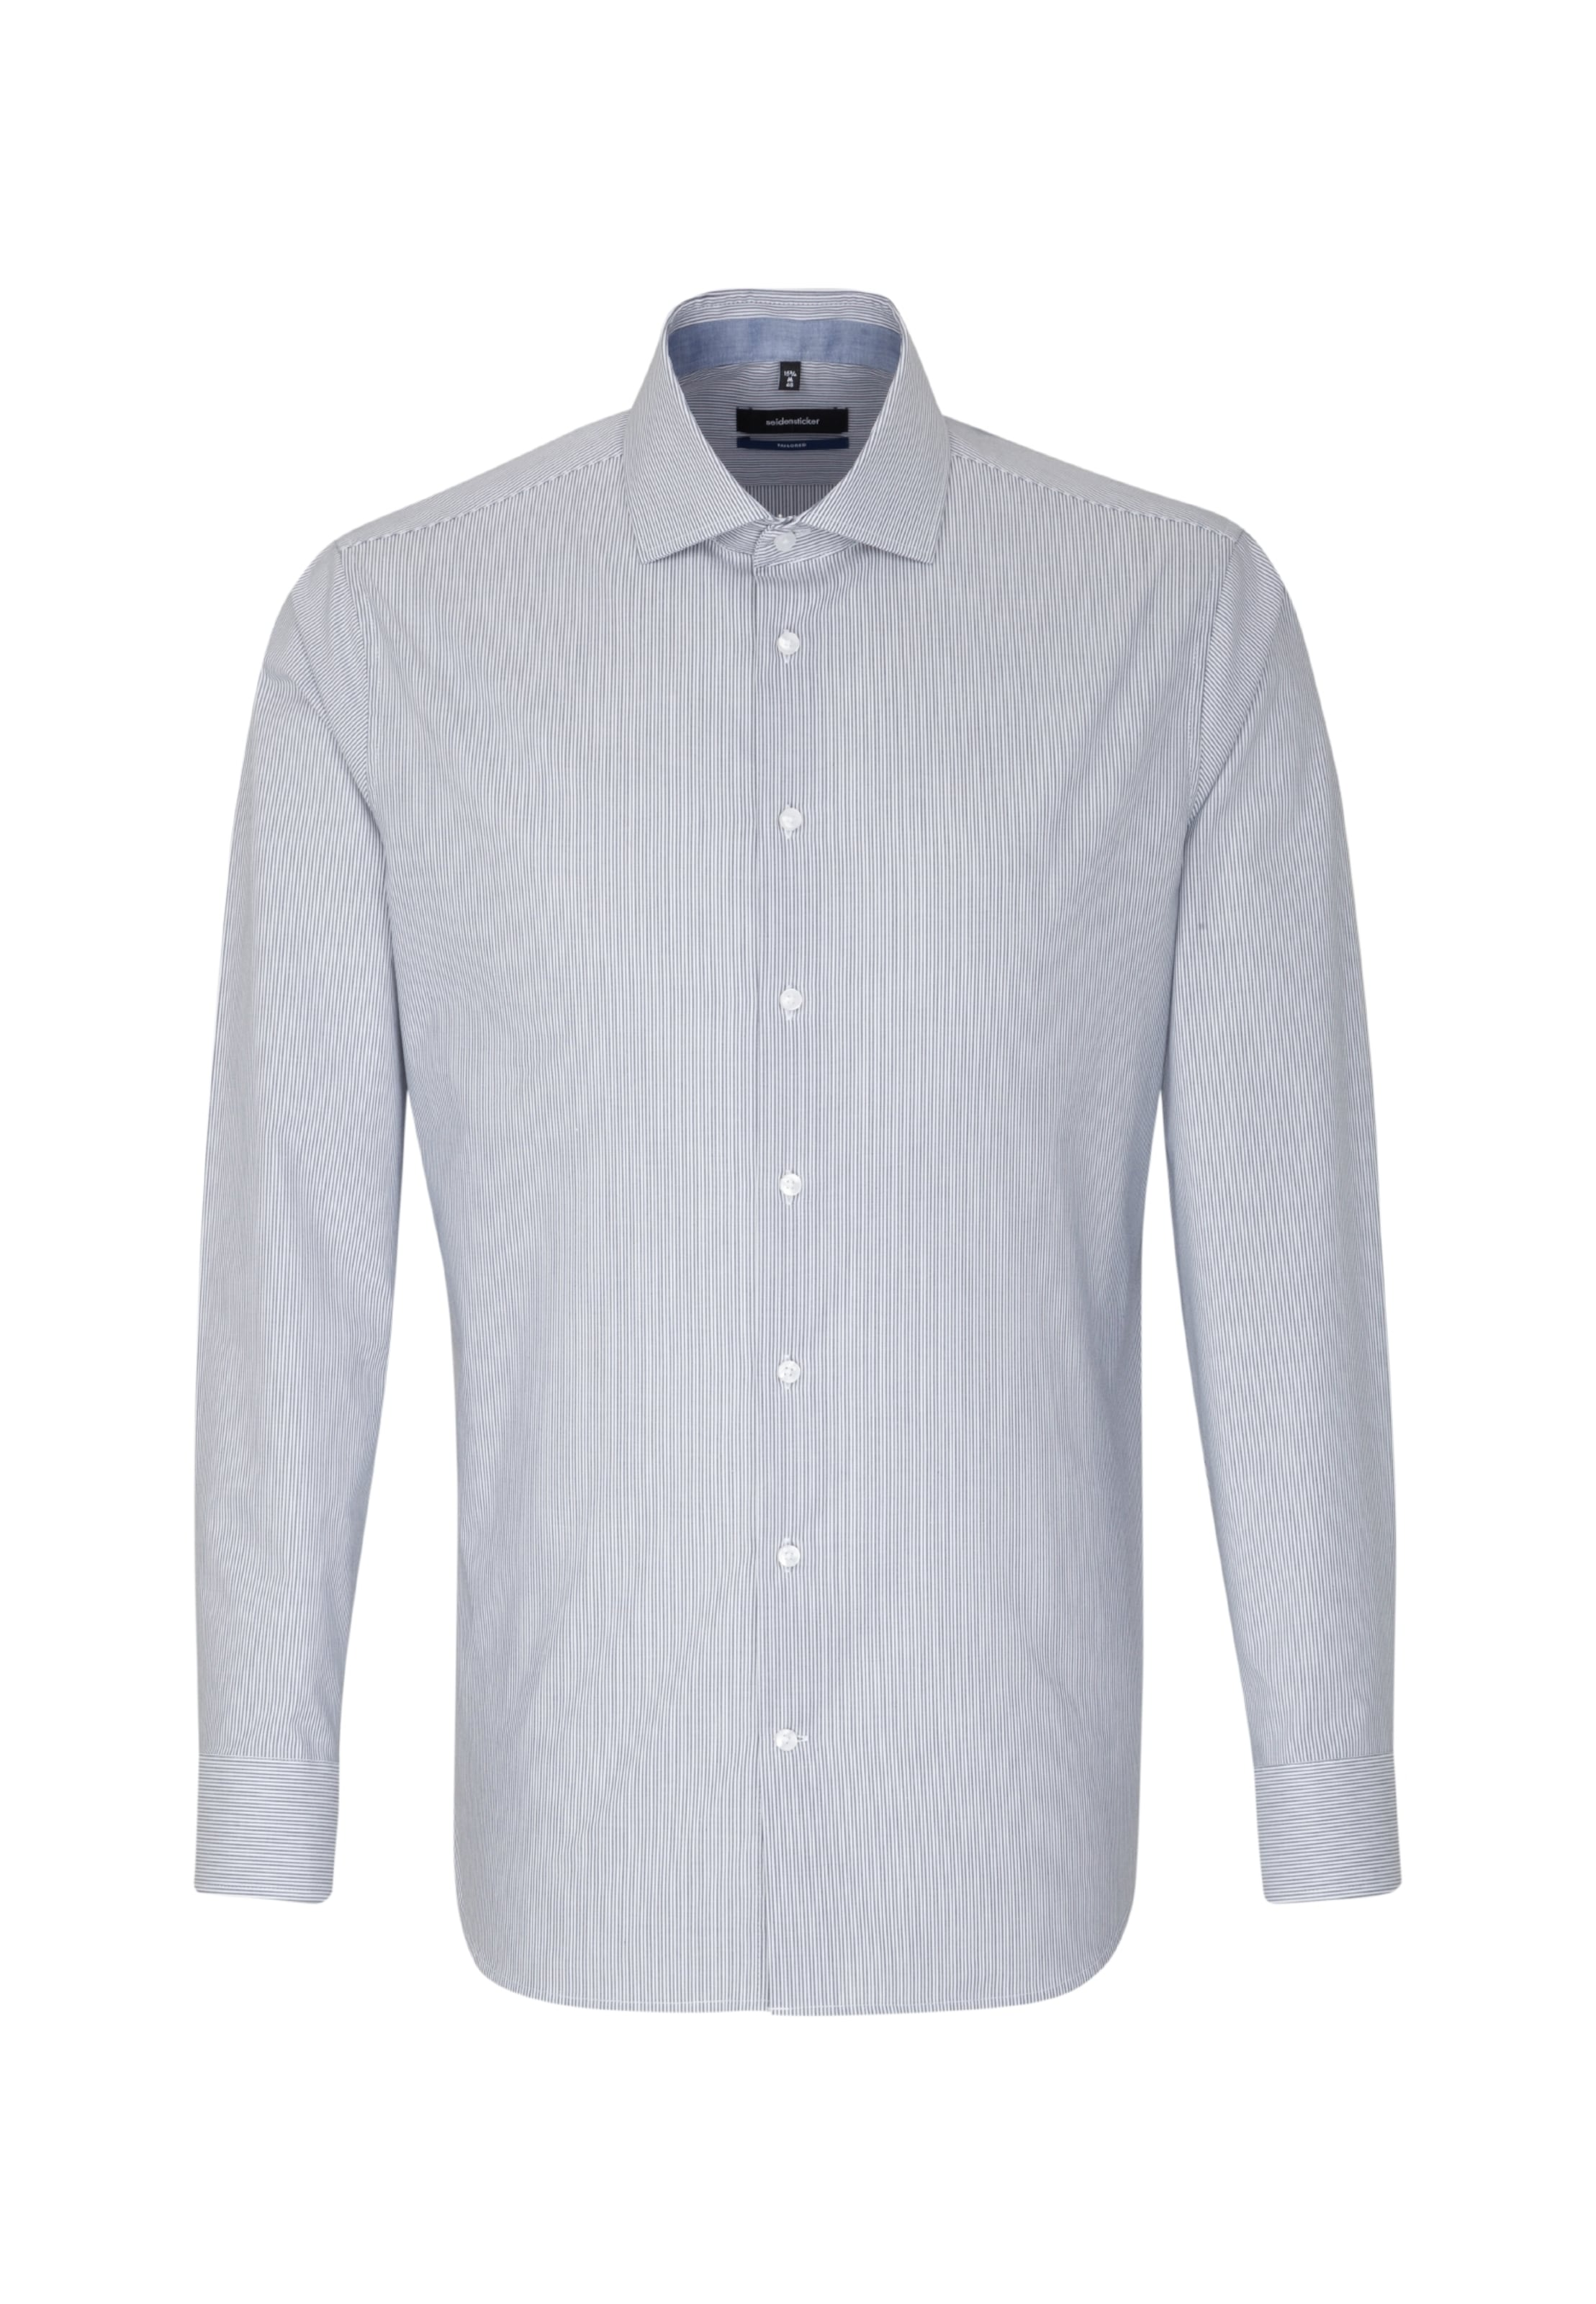 RauchblauWeiß In RauchblauWeiß Seidensticker Hemd In Seidensticker Seidensticker Hemd RauchblauWeiß Hemd Seidensticker In 5jL43AR